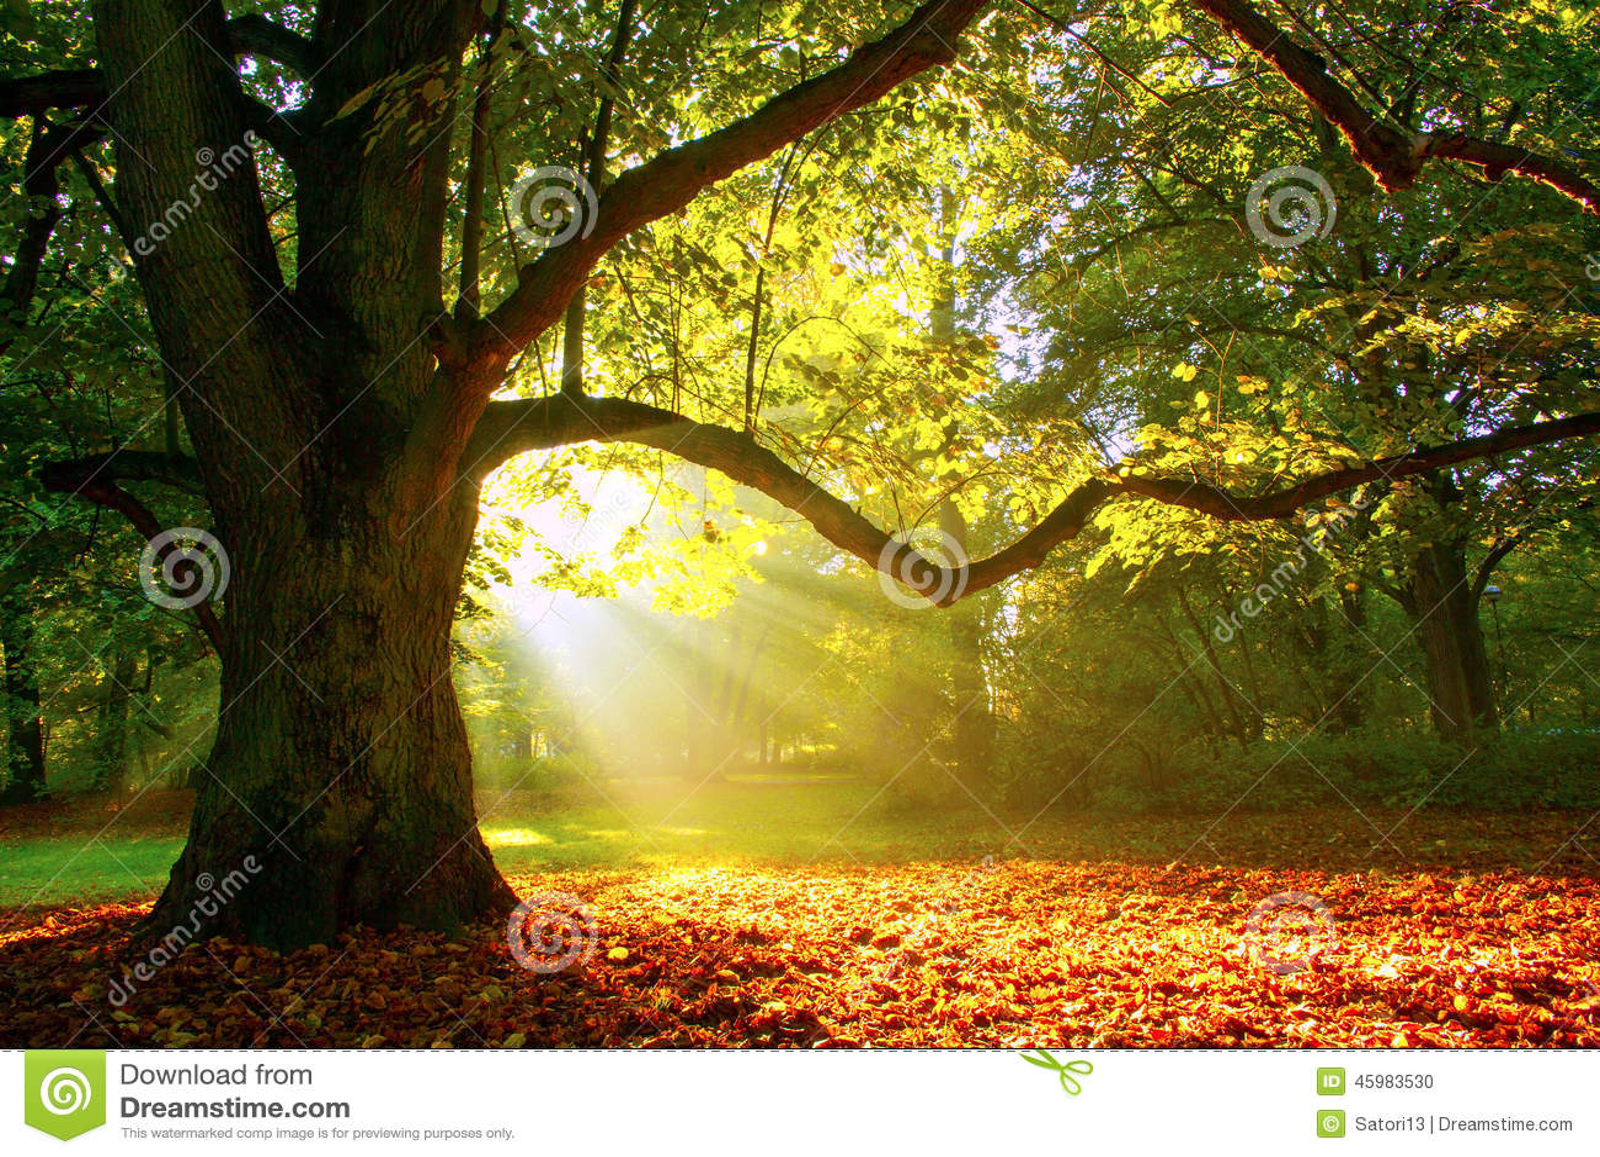 Mighty Oak Tree Stock Photo Image 45983530